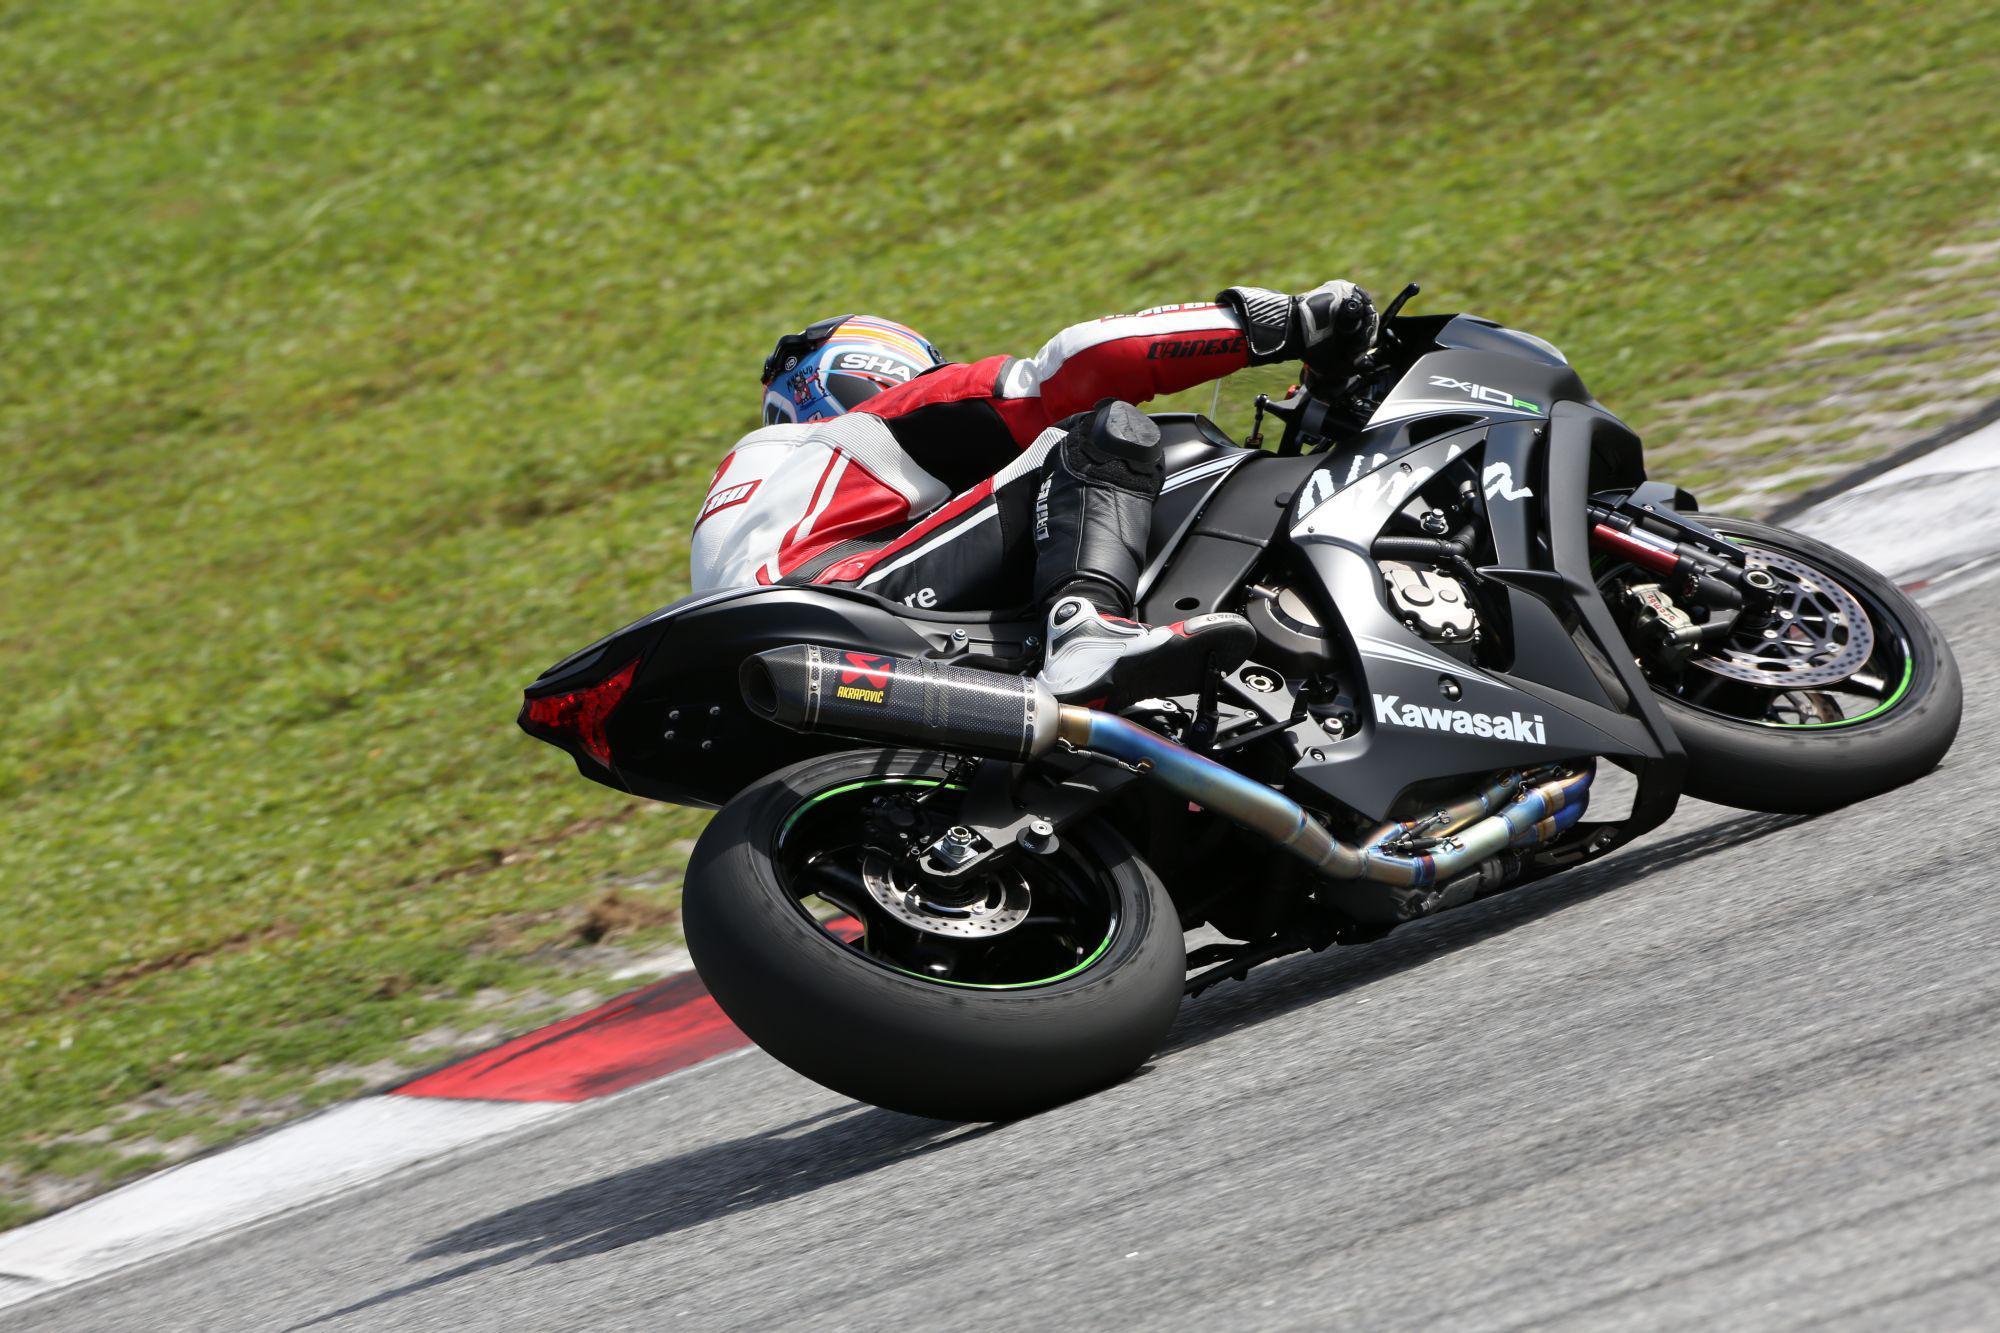 ZX10-R 2016 - Page 3 Kawasaki-zx10r2016-test-46